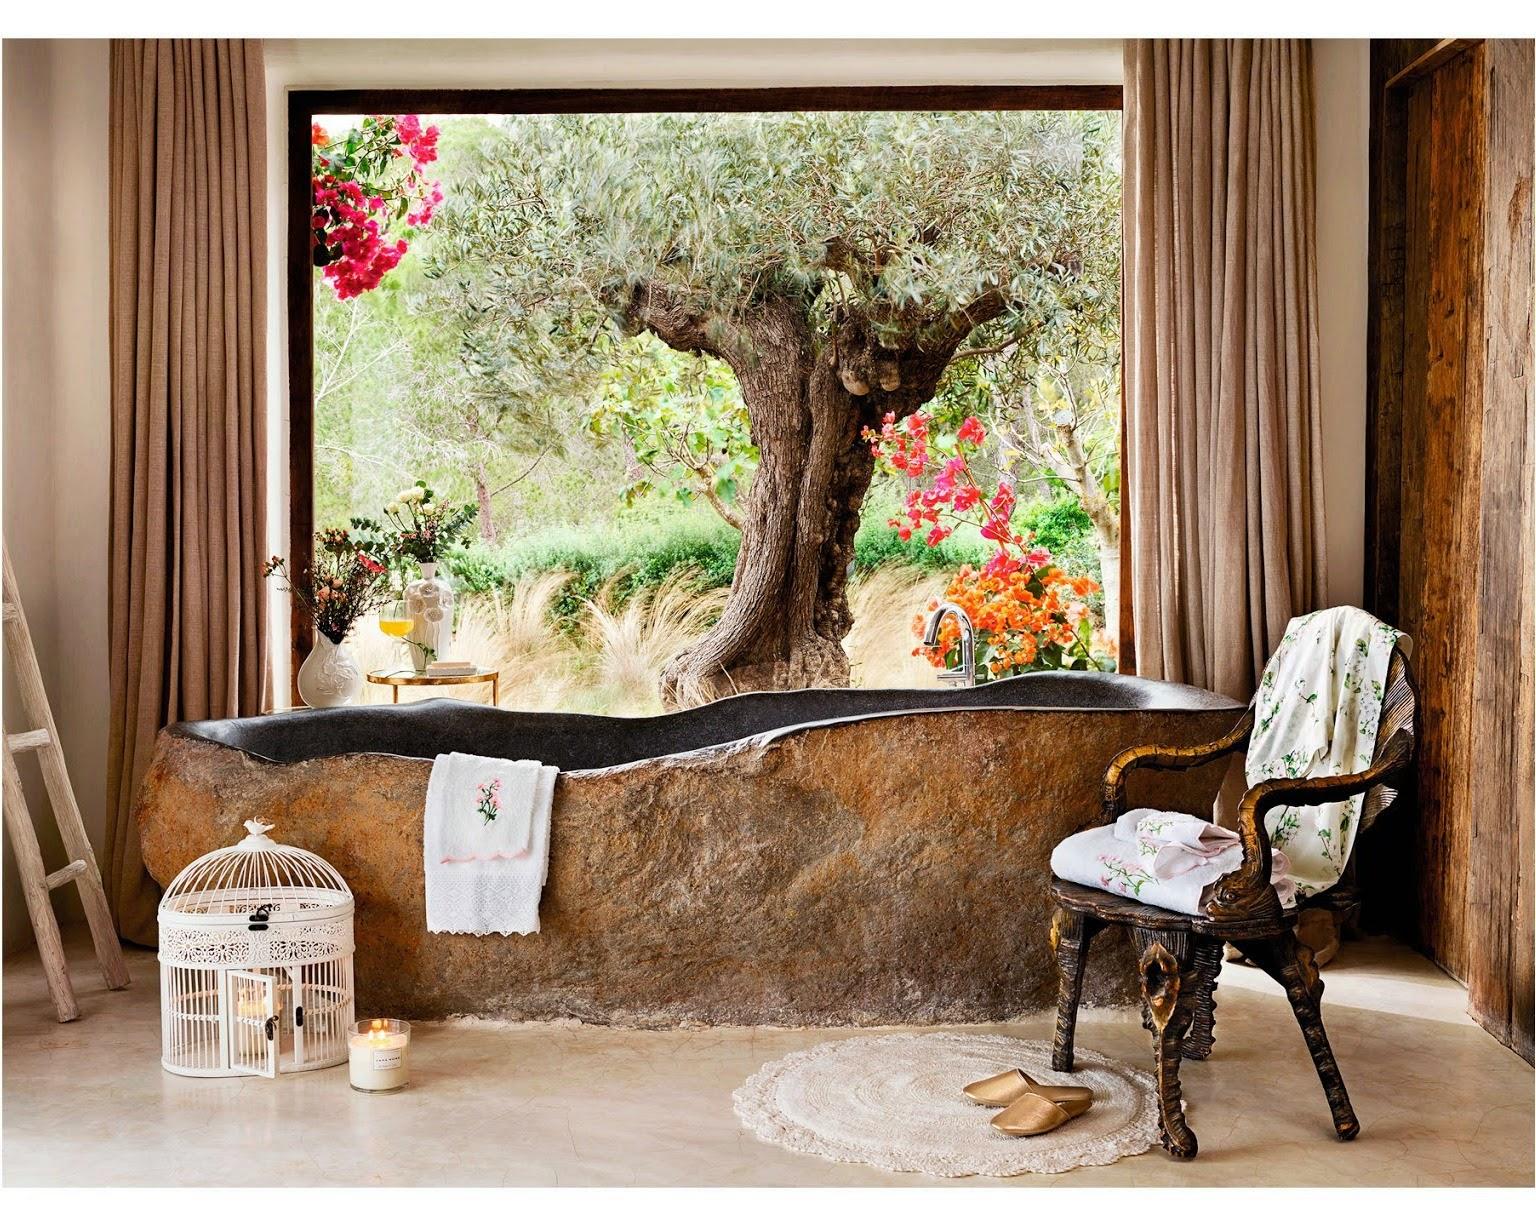 Zara Home Rideaux Idees D Images A La Maison